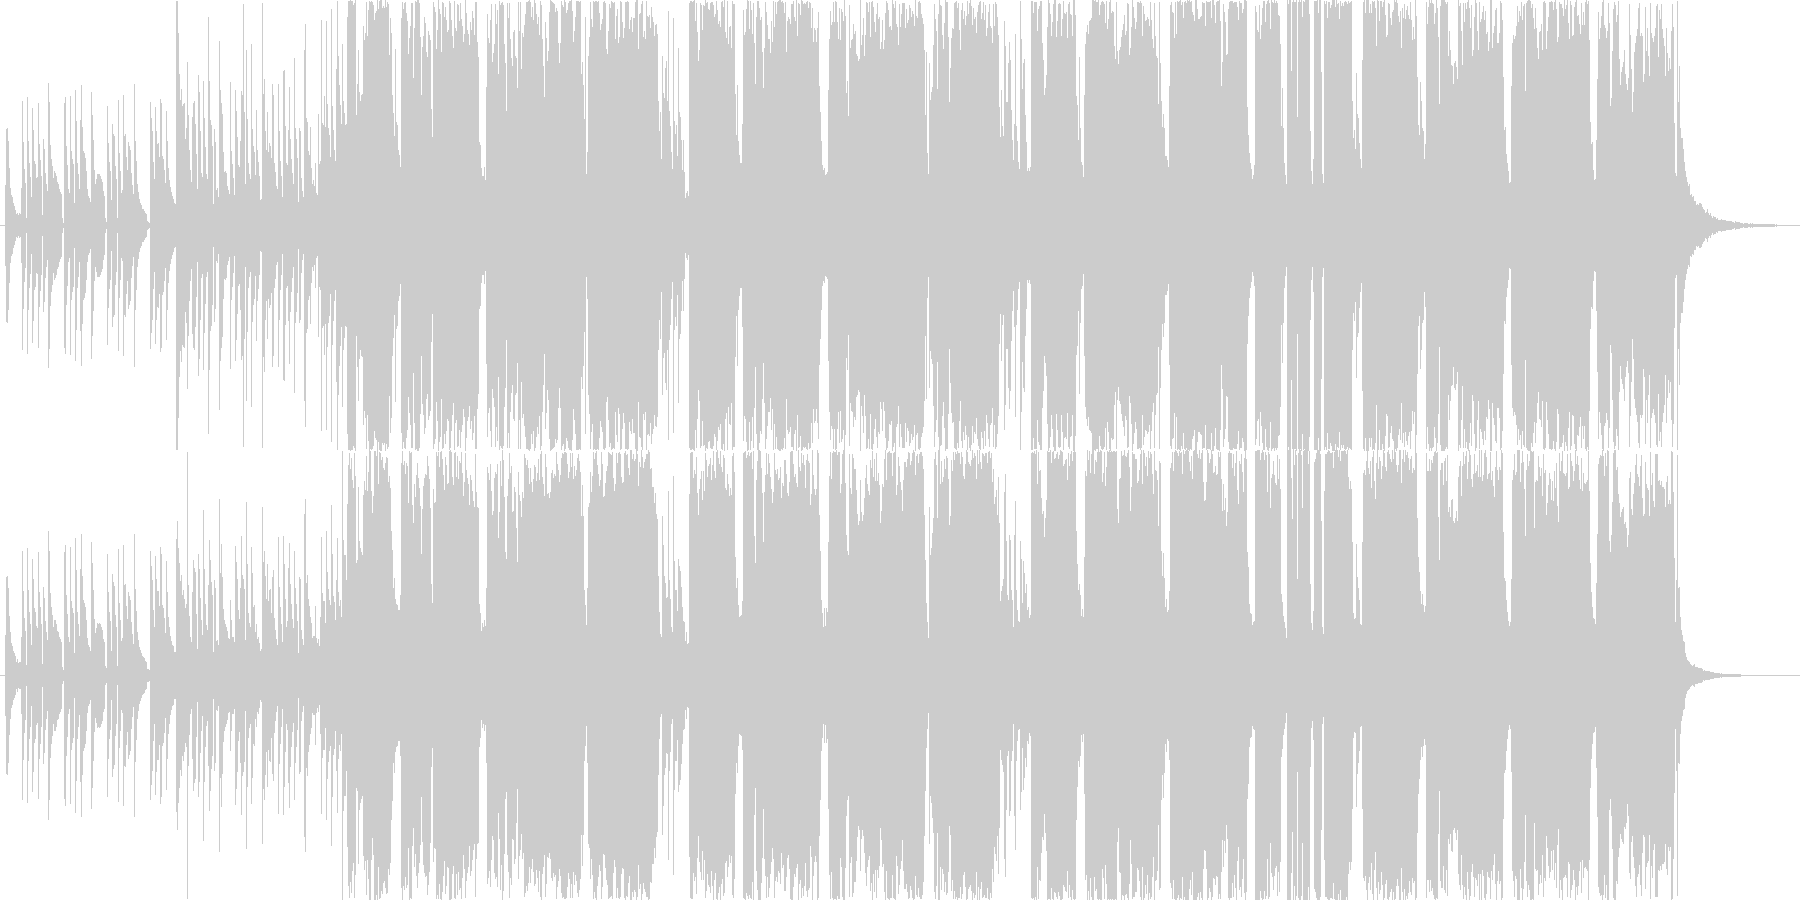 セクシー・エロなトランペットのBGMの未再生の波形